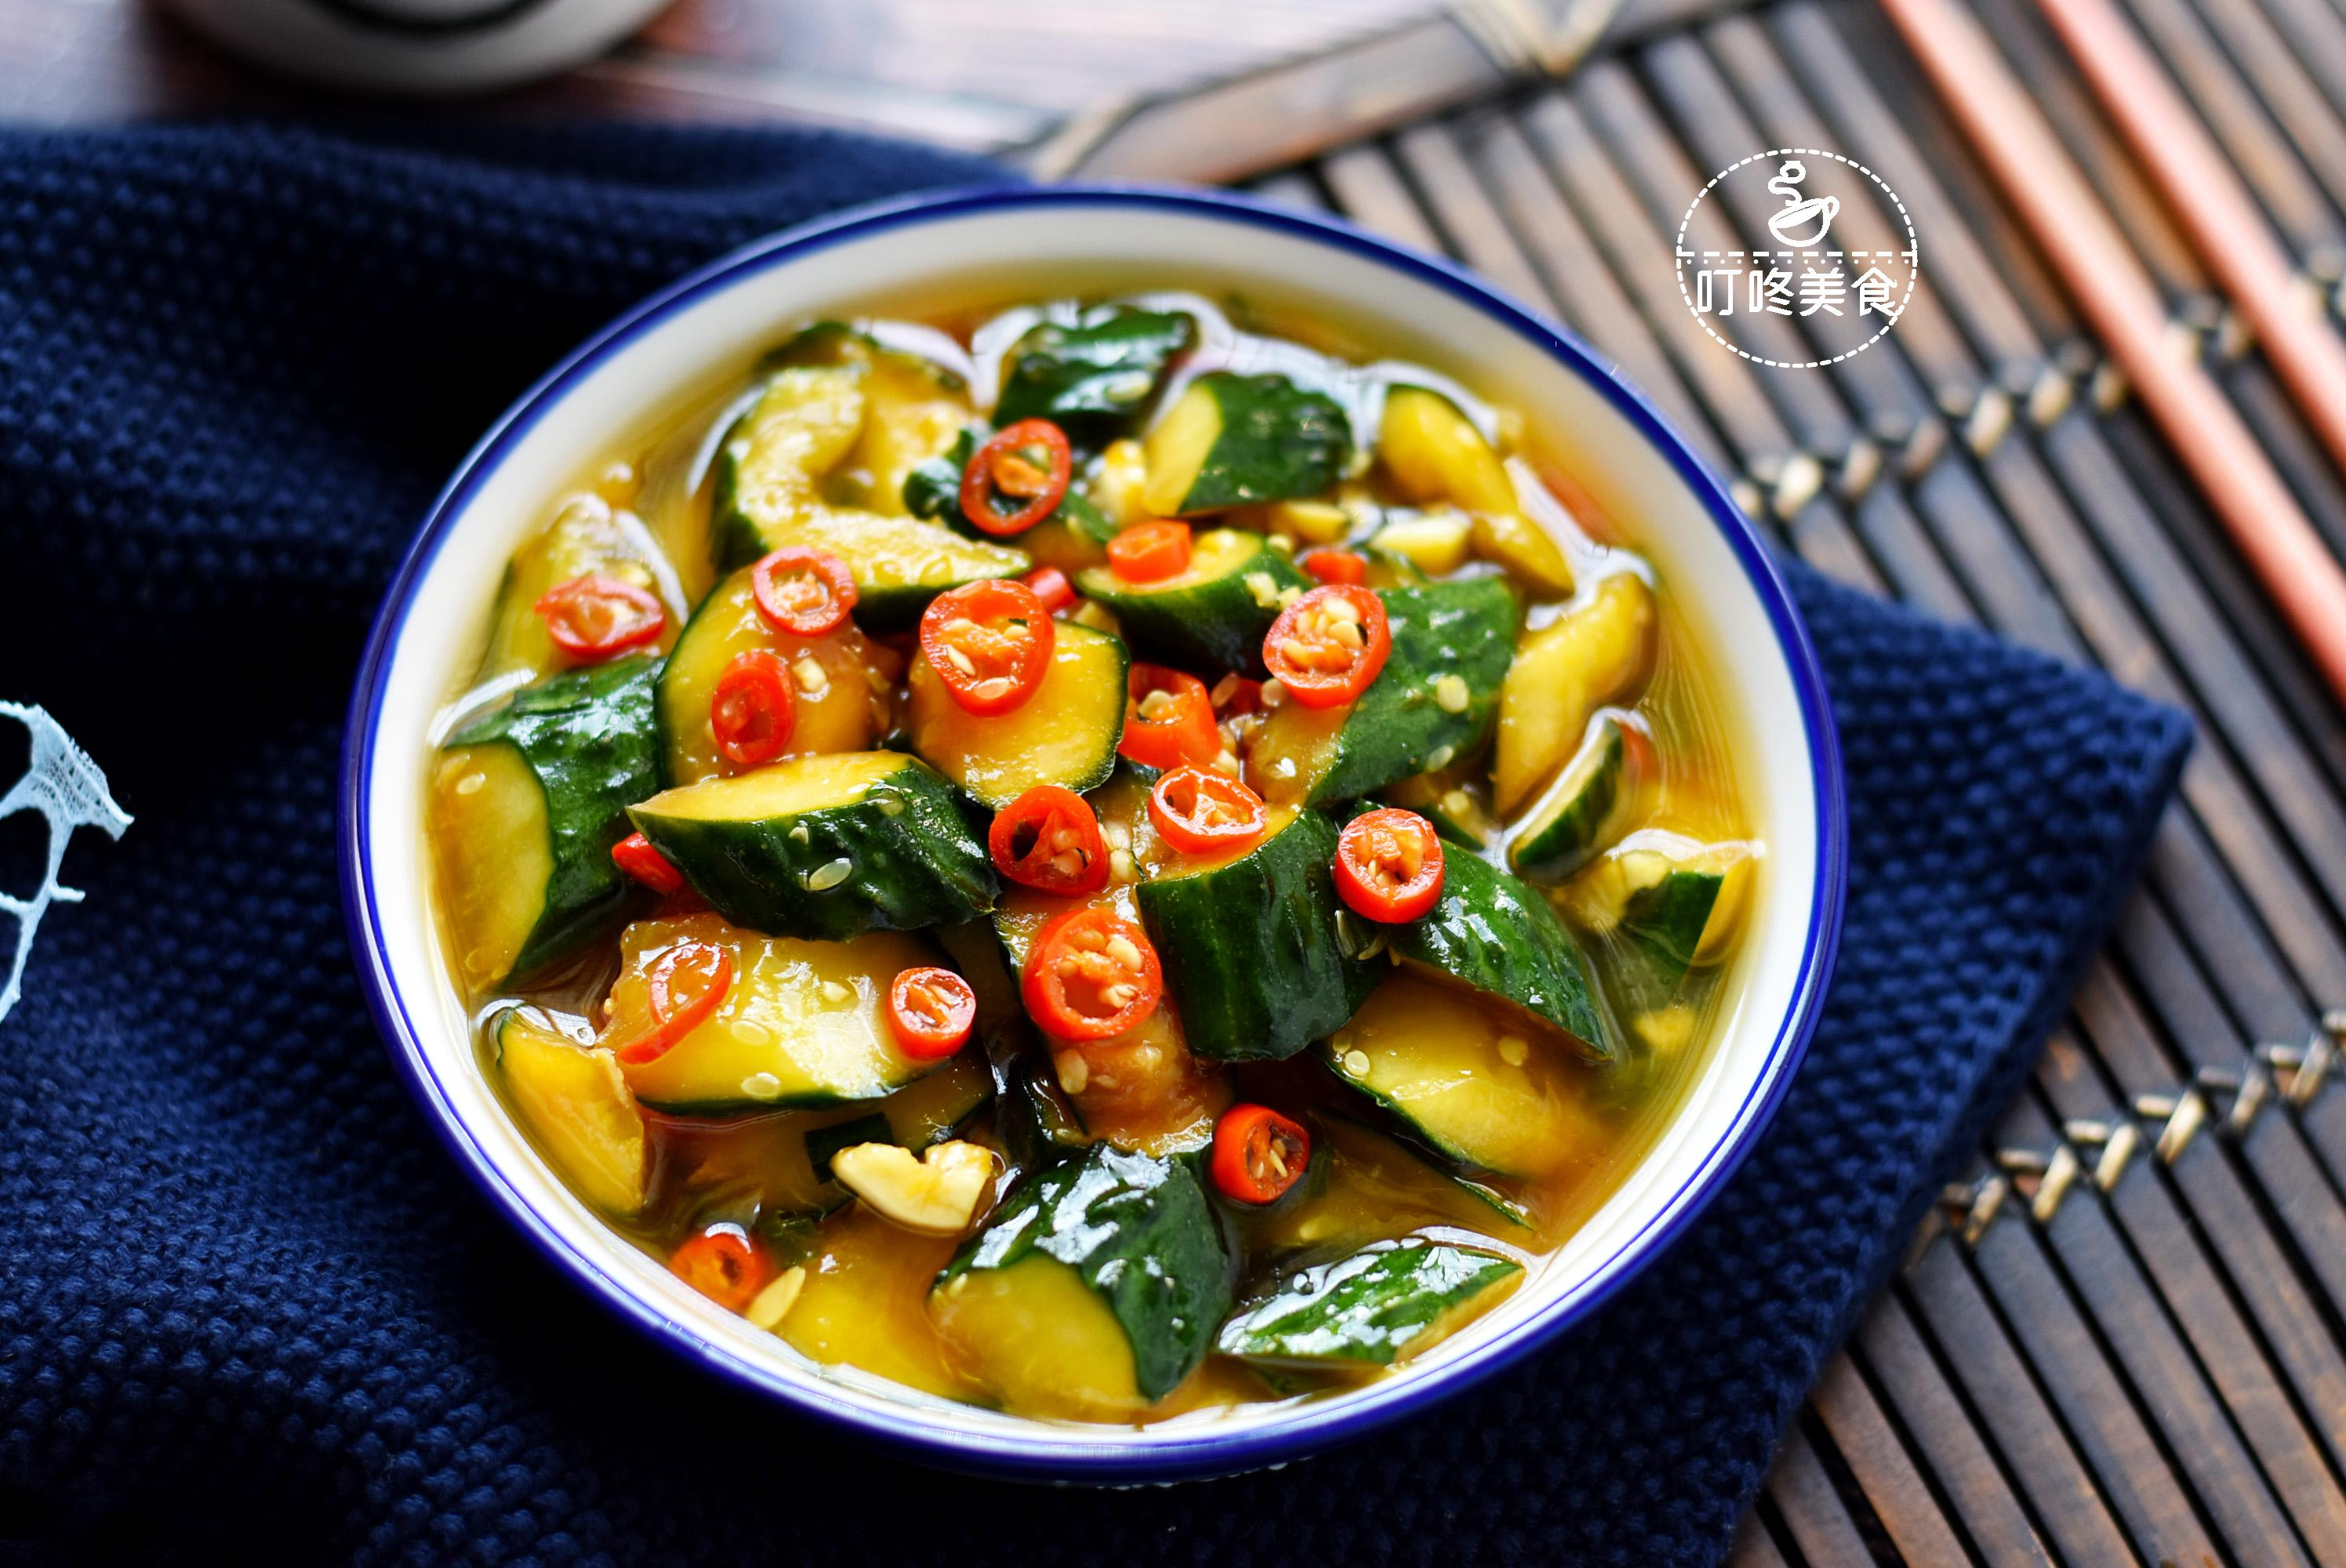 凉拌黄瓜时,别直接加调料拌,学会这些技巧,黄瓜更脆爽,更入味